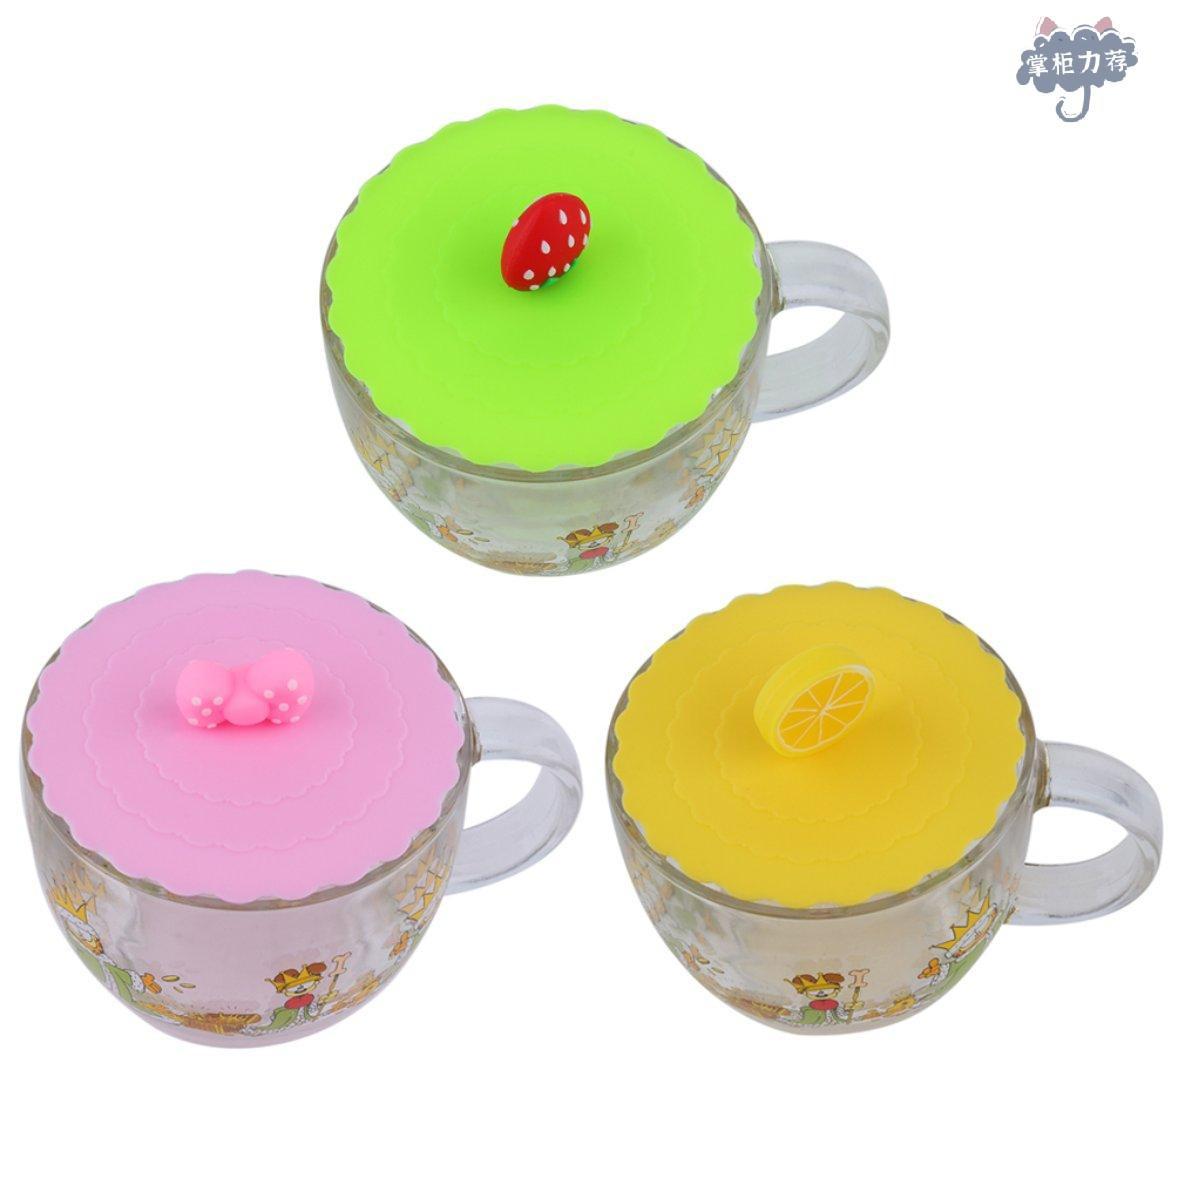 矽膠可愛防塵玻璃杯蓋咖啡杯吸密封蓋蓋